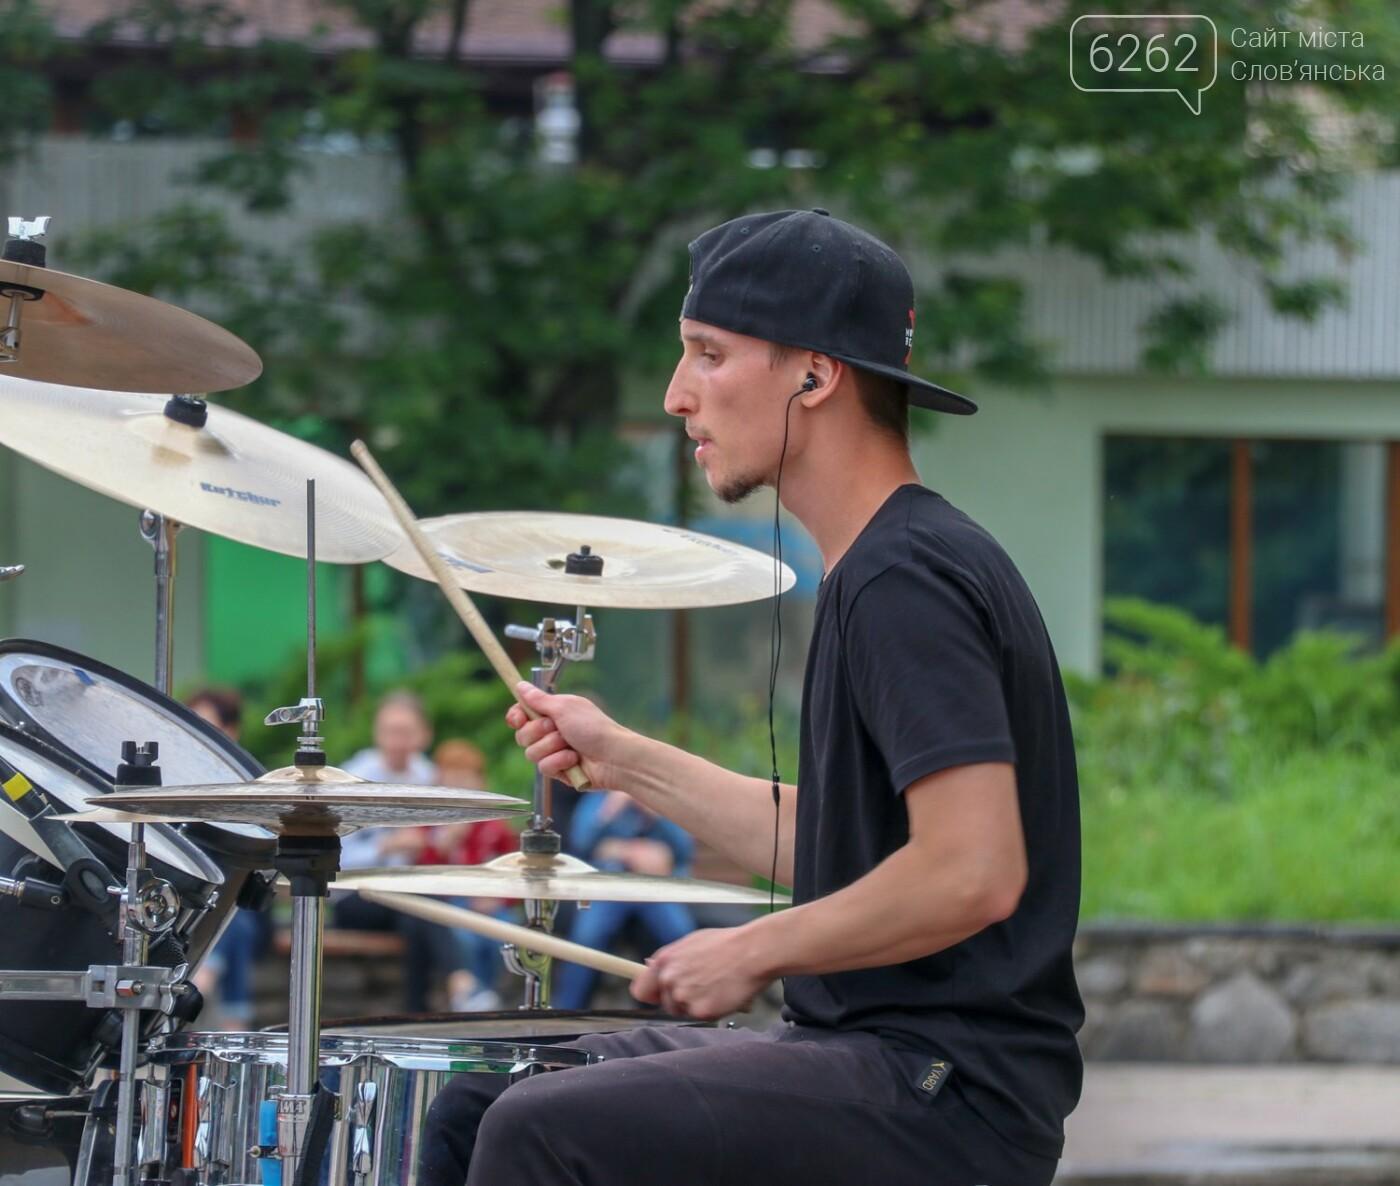 Скрипка, джаз та вечірні танці - яким був День вуличної музики у Слов'янську, фото-16